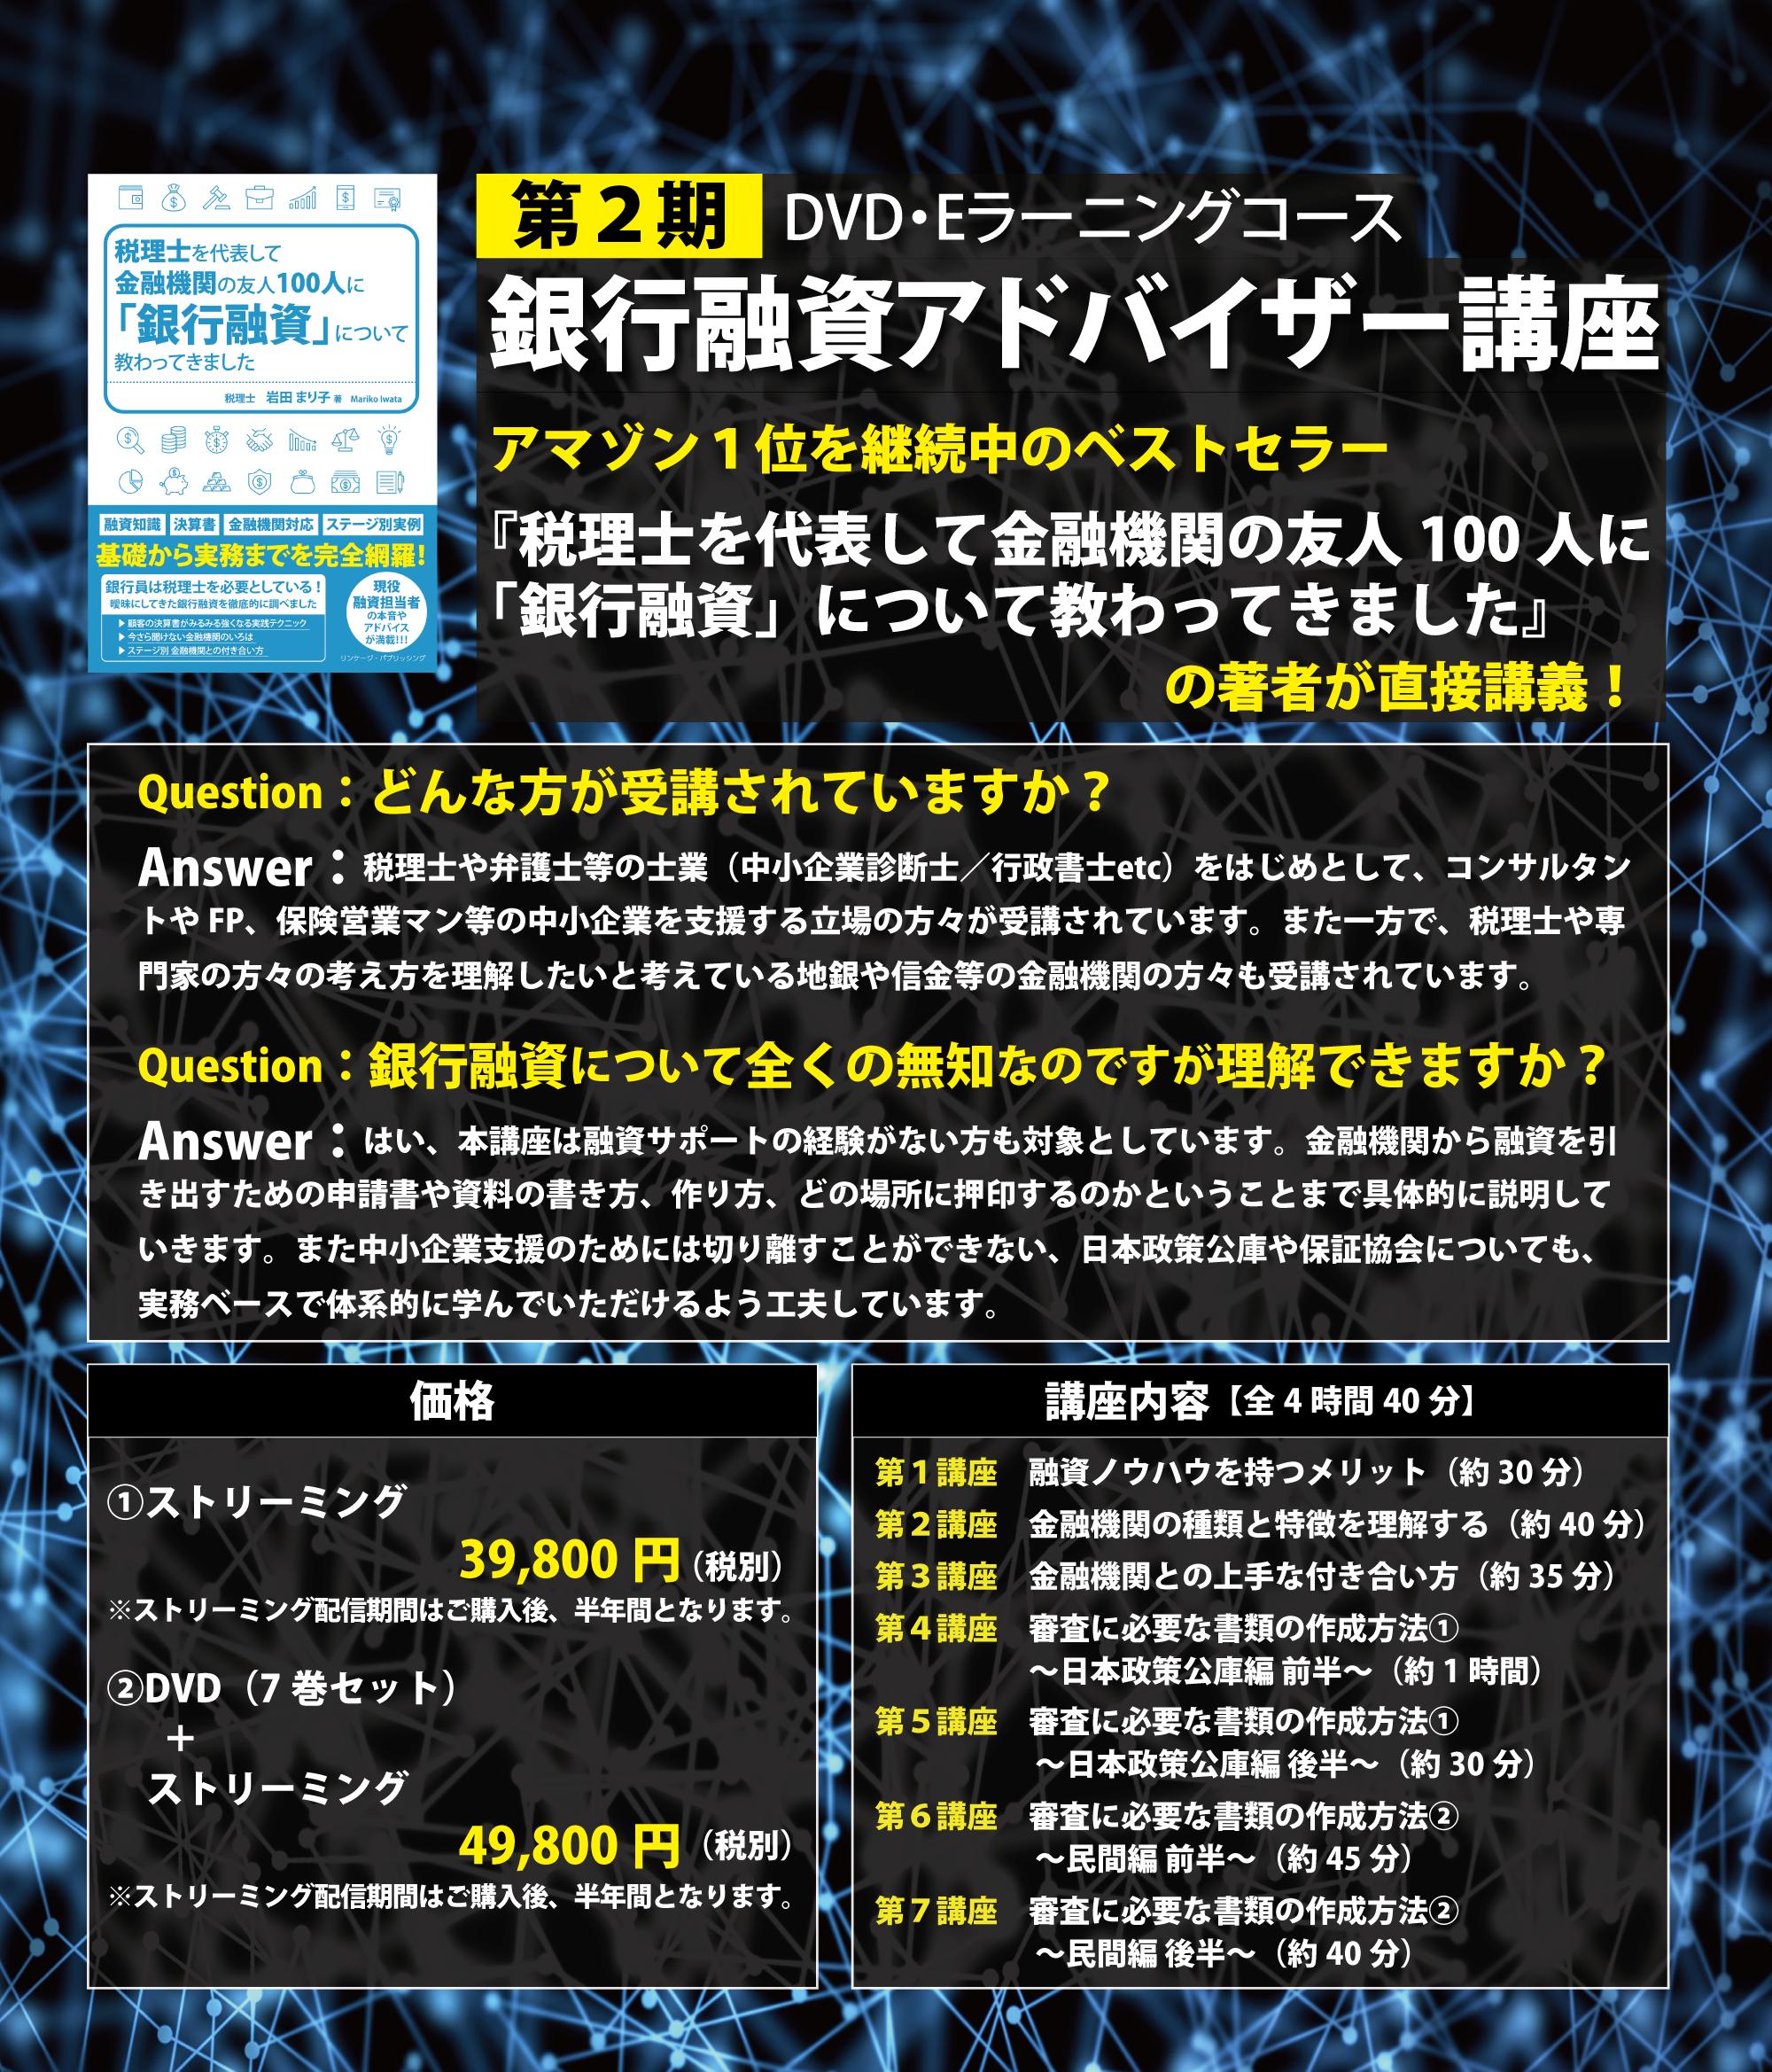 20200309_岩田さん税理士を代表してオンライン講座バナーver8第2期